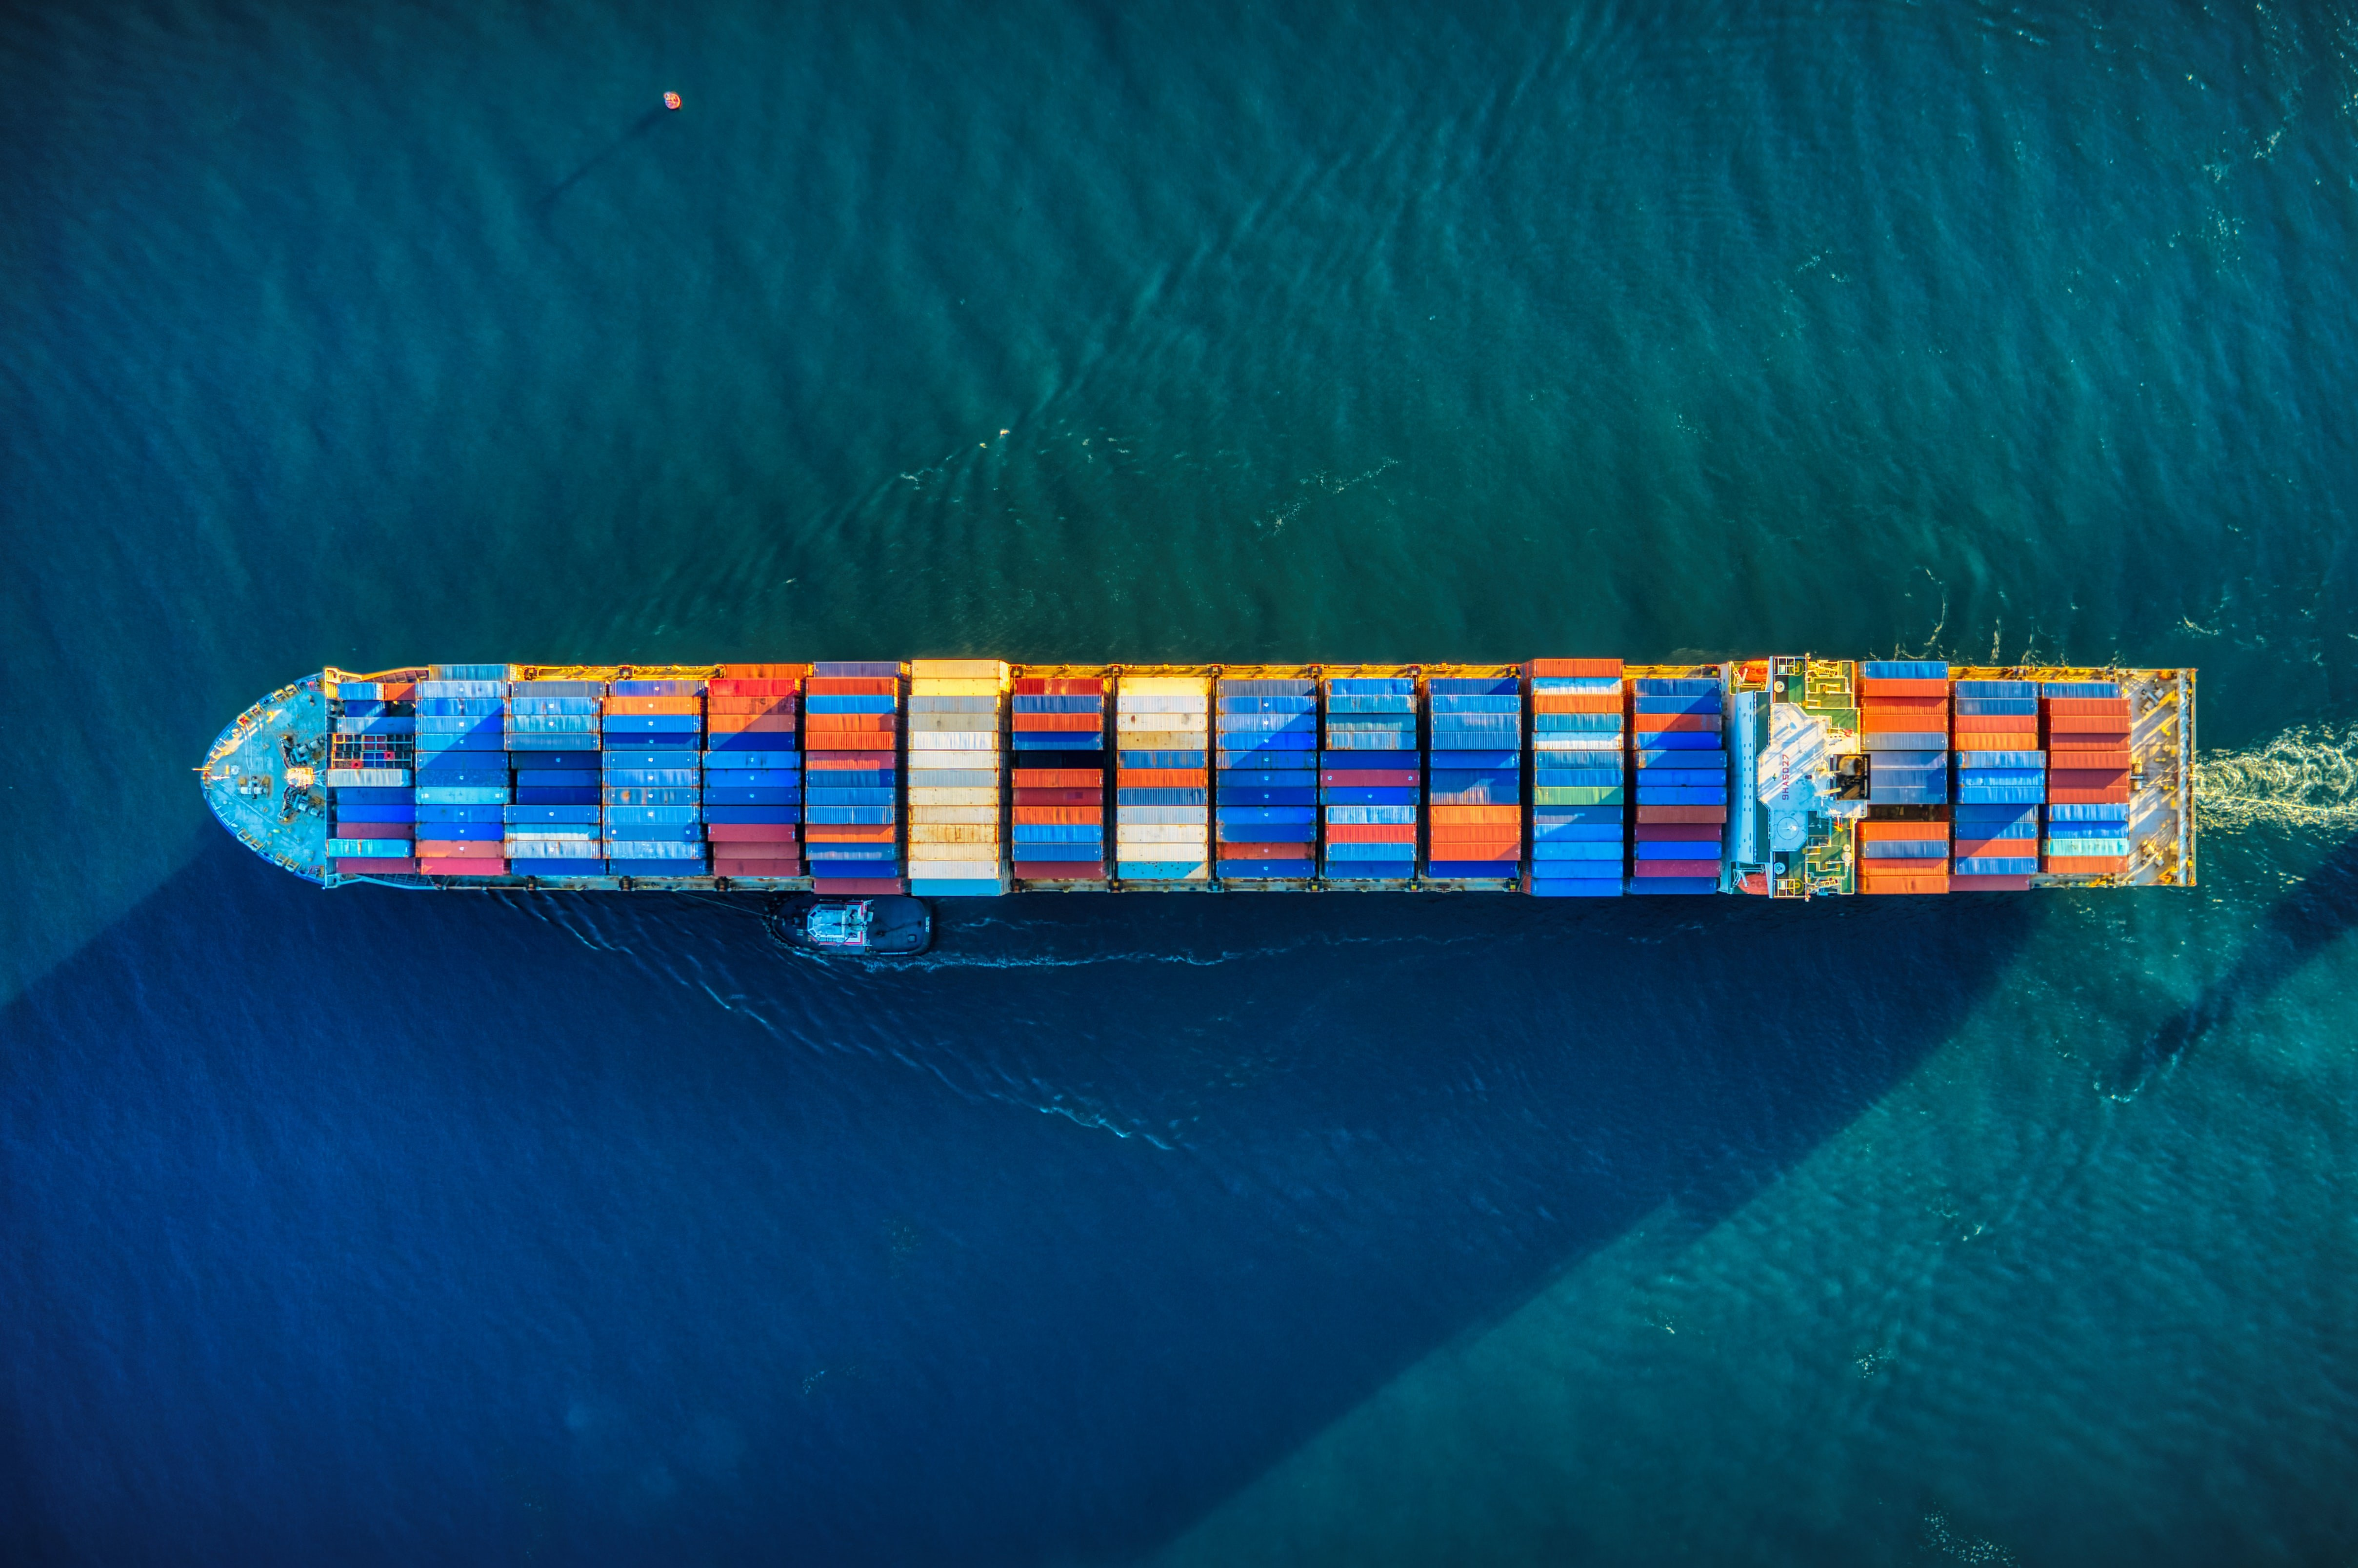 Photo by Cameron Venti: A cargo ship